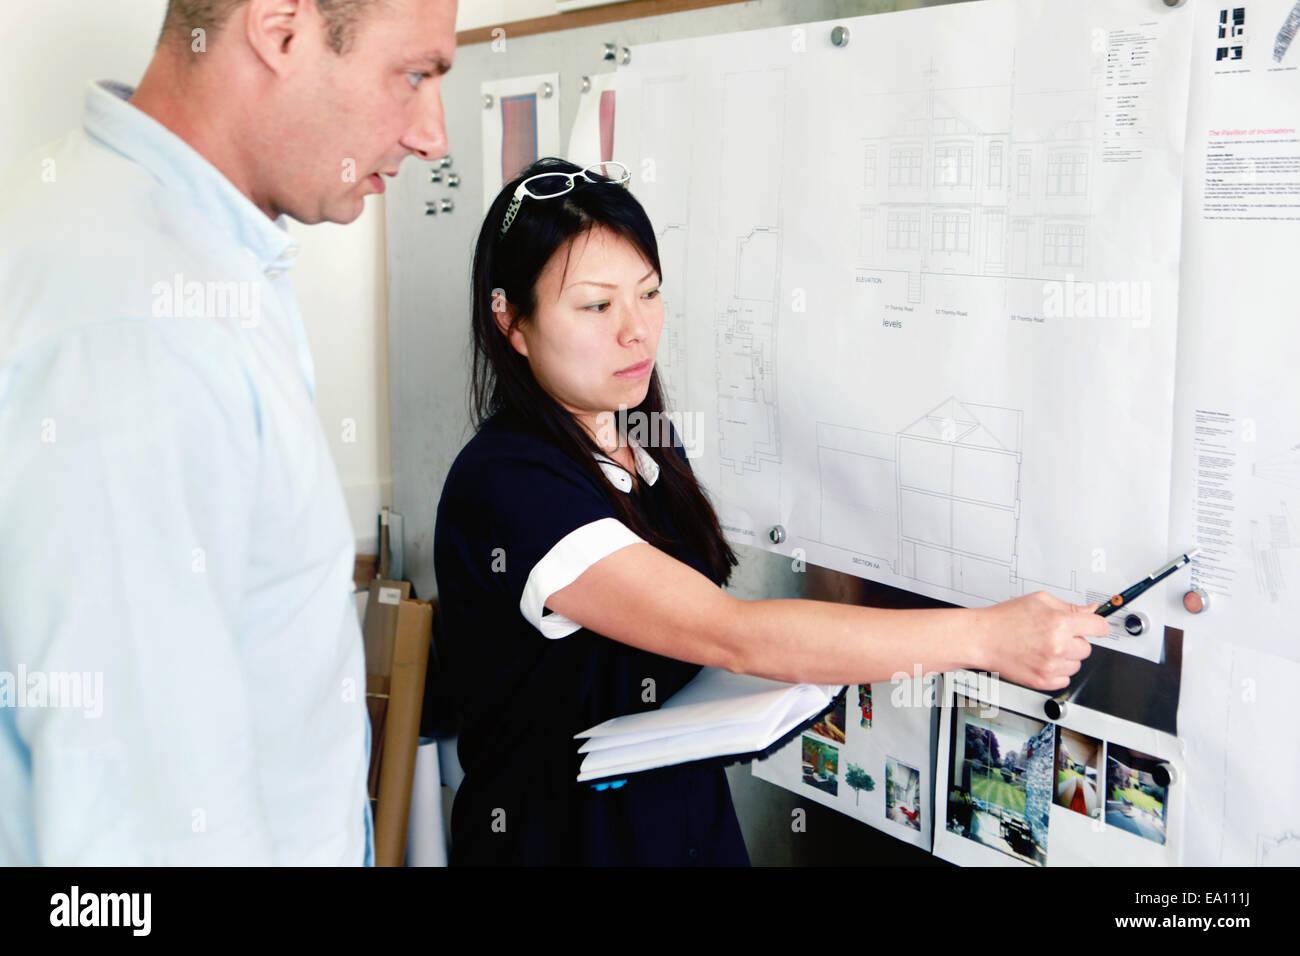 Männliche und weibliche Architekten besprechen Ideen im Büro Stockbild